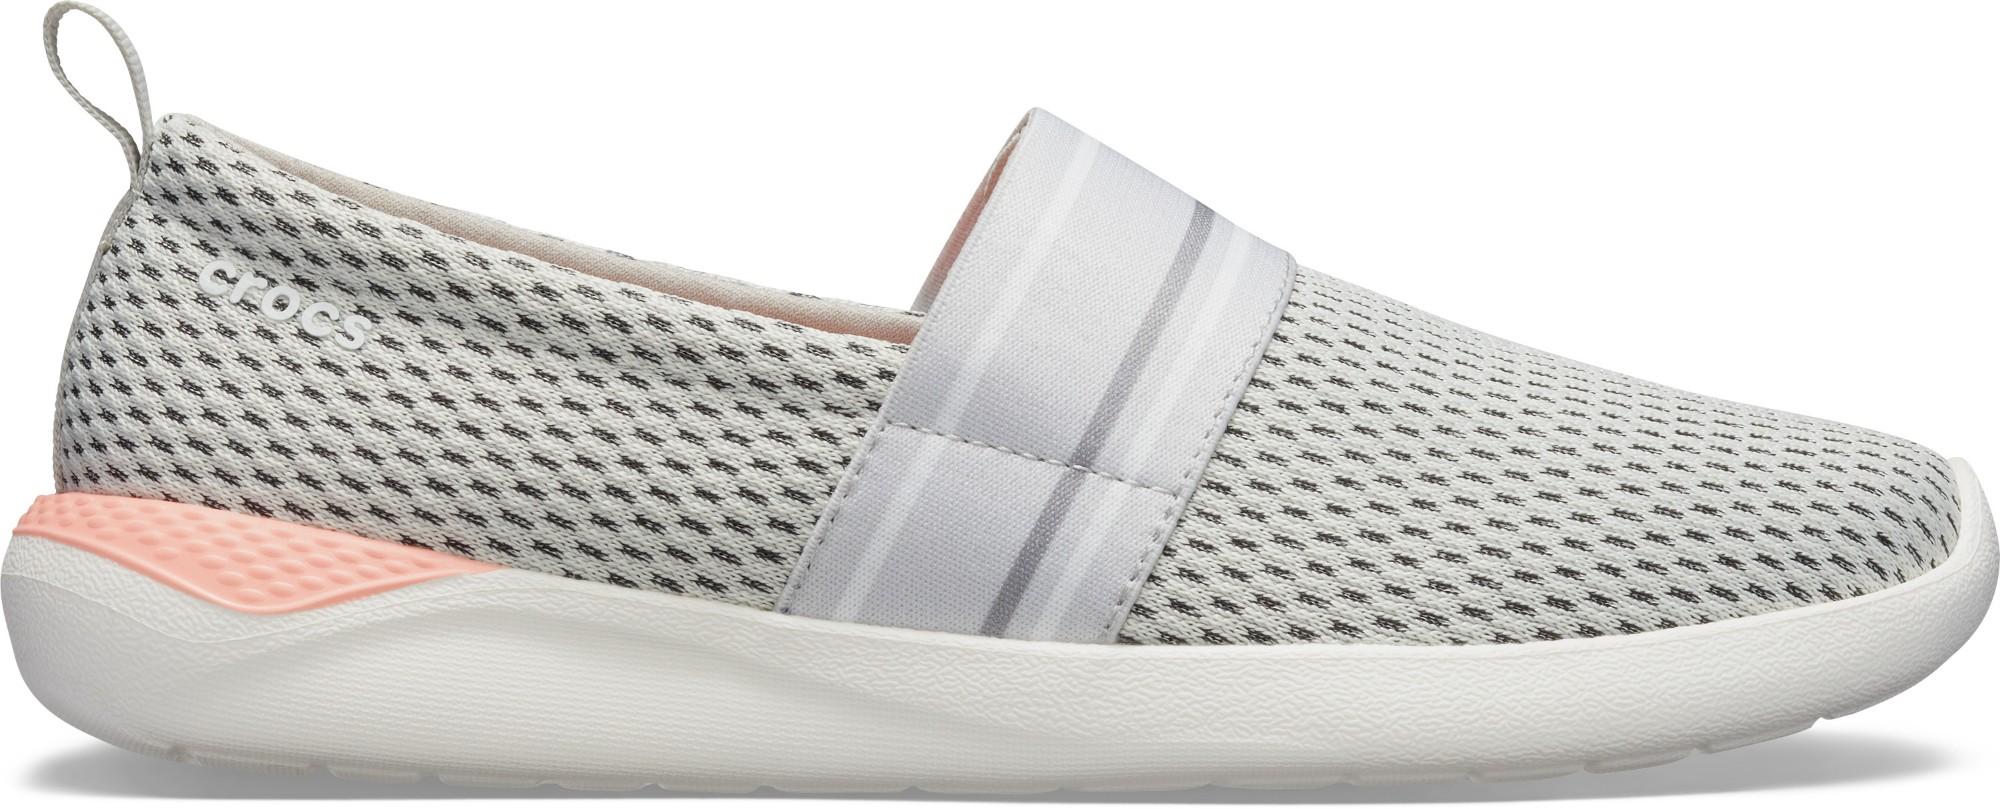 Crocs™ LiteRide Mesh Slip-On Women's Pearl White/White 42,5